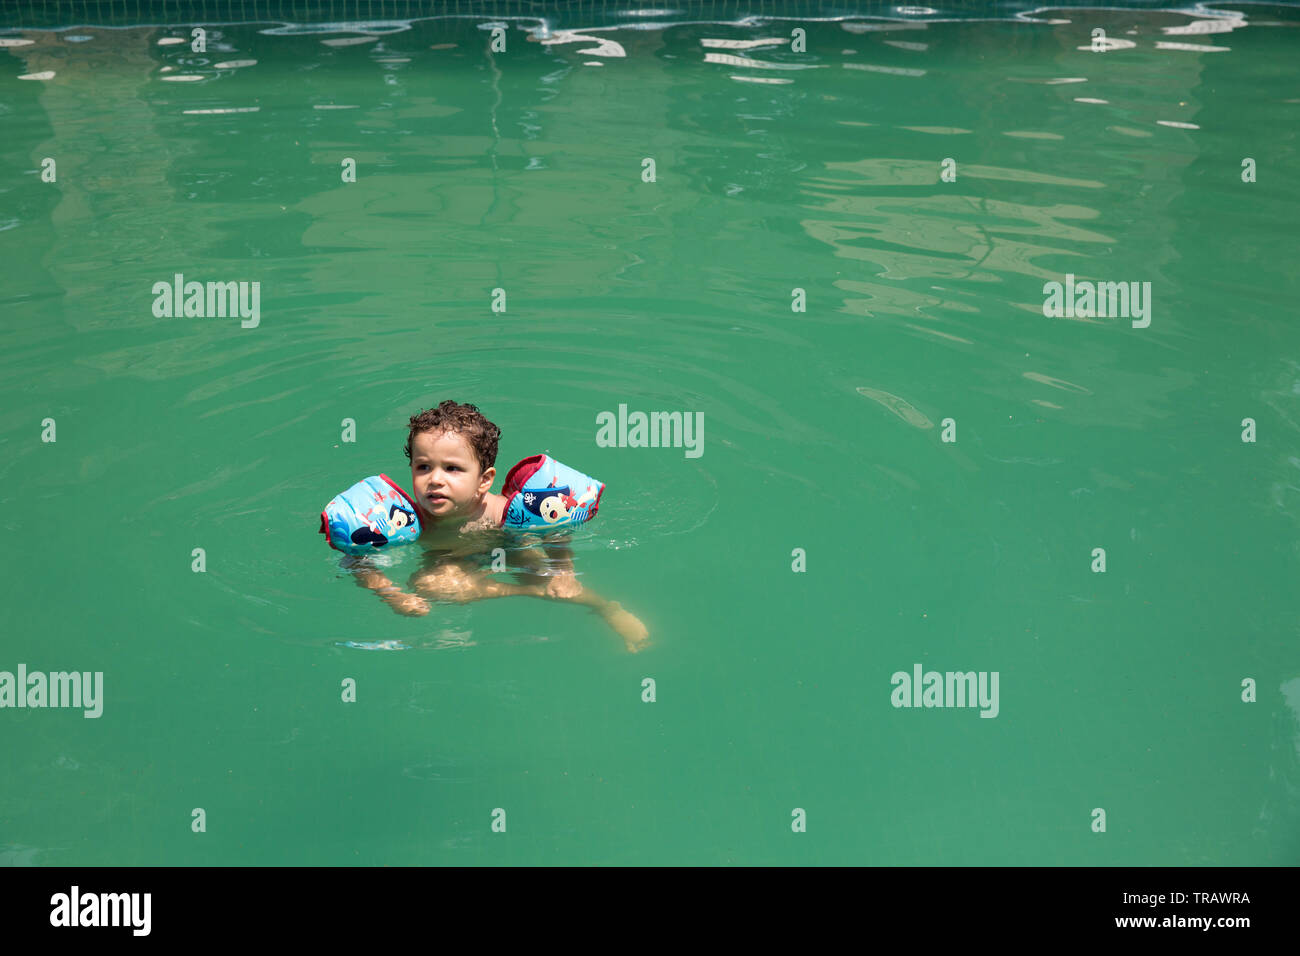 Un due-anno-vecchio figlio di nuoto in una piscina sporca con acqua verde in Messico. Fotografia di Bénédicte Desrus Immagini Stock